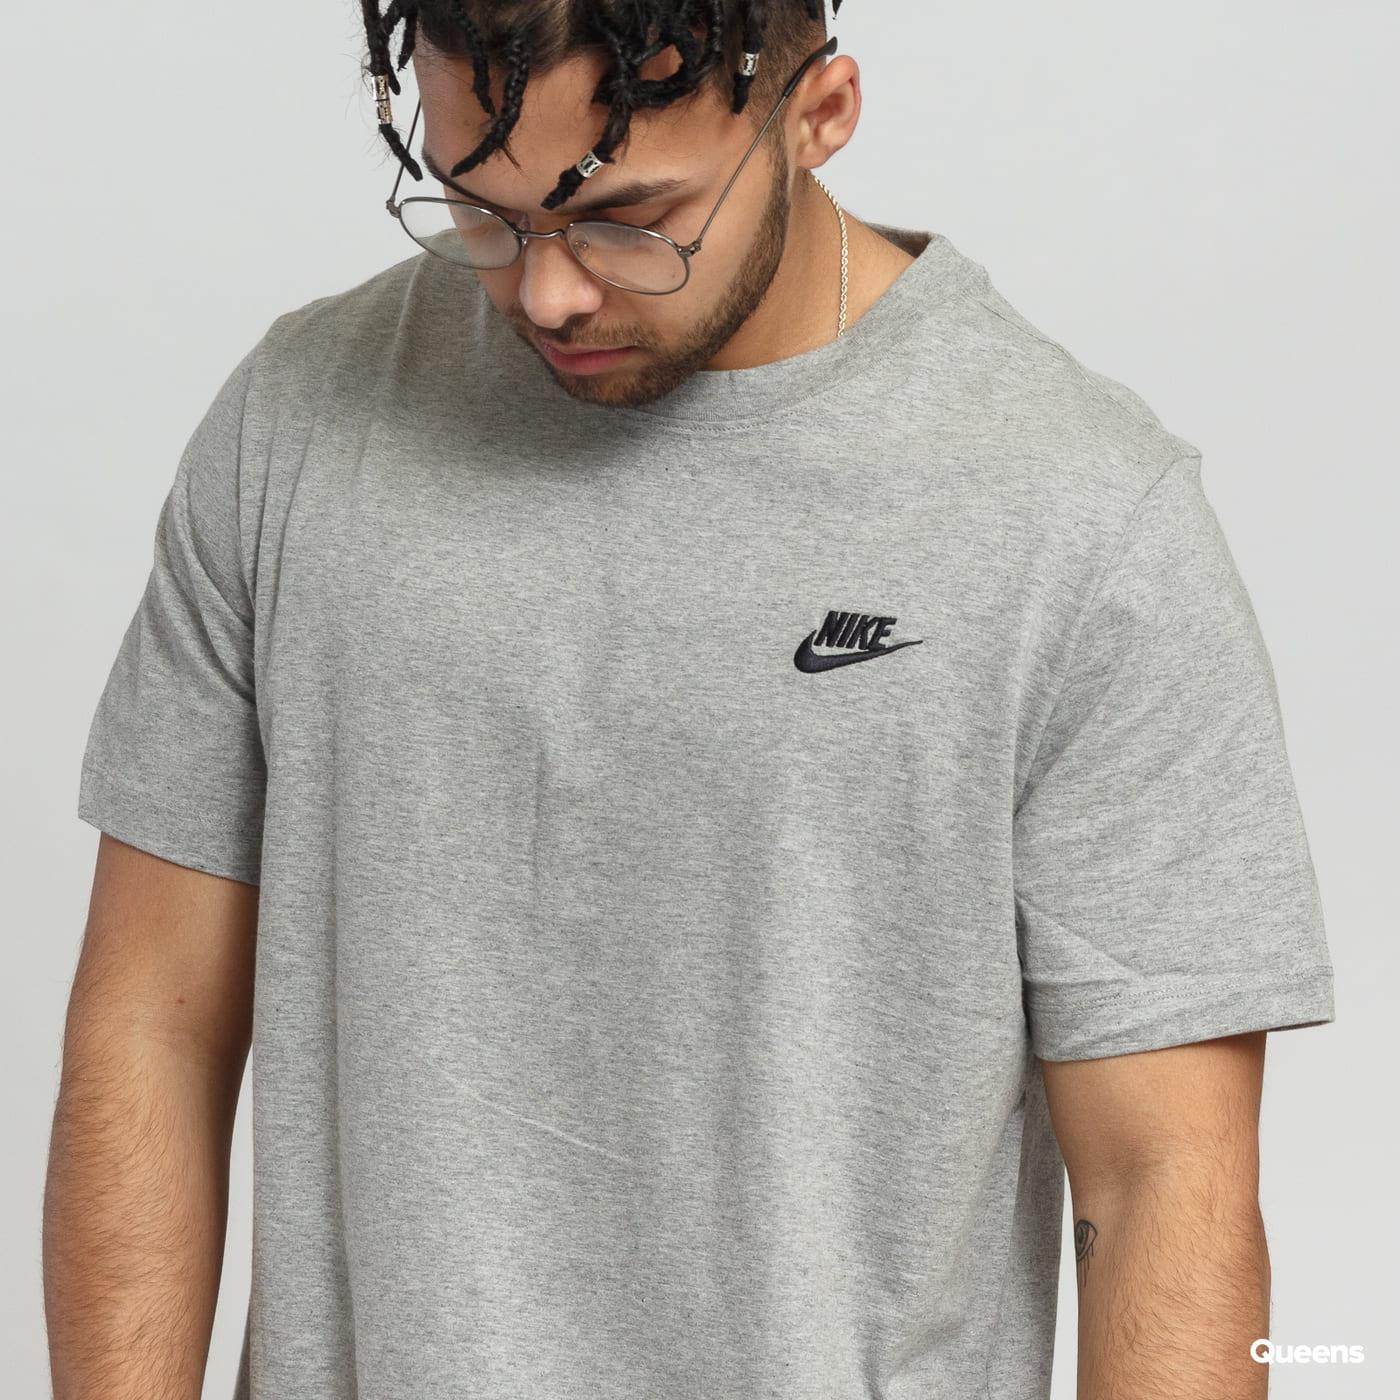 Nike M NSW Club Tee grau melange